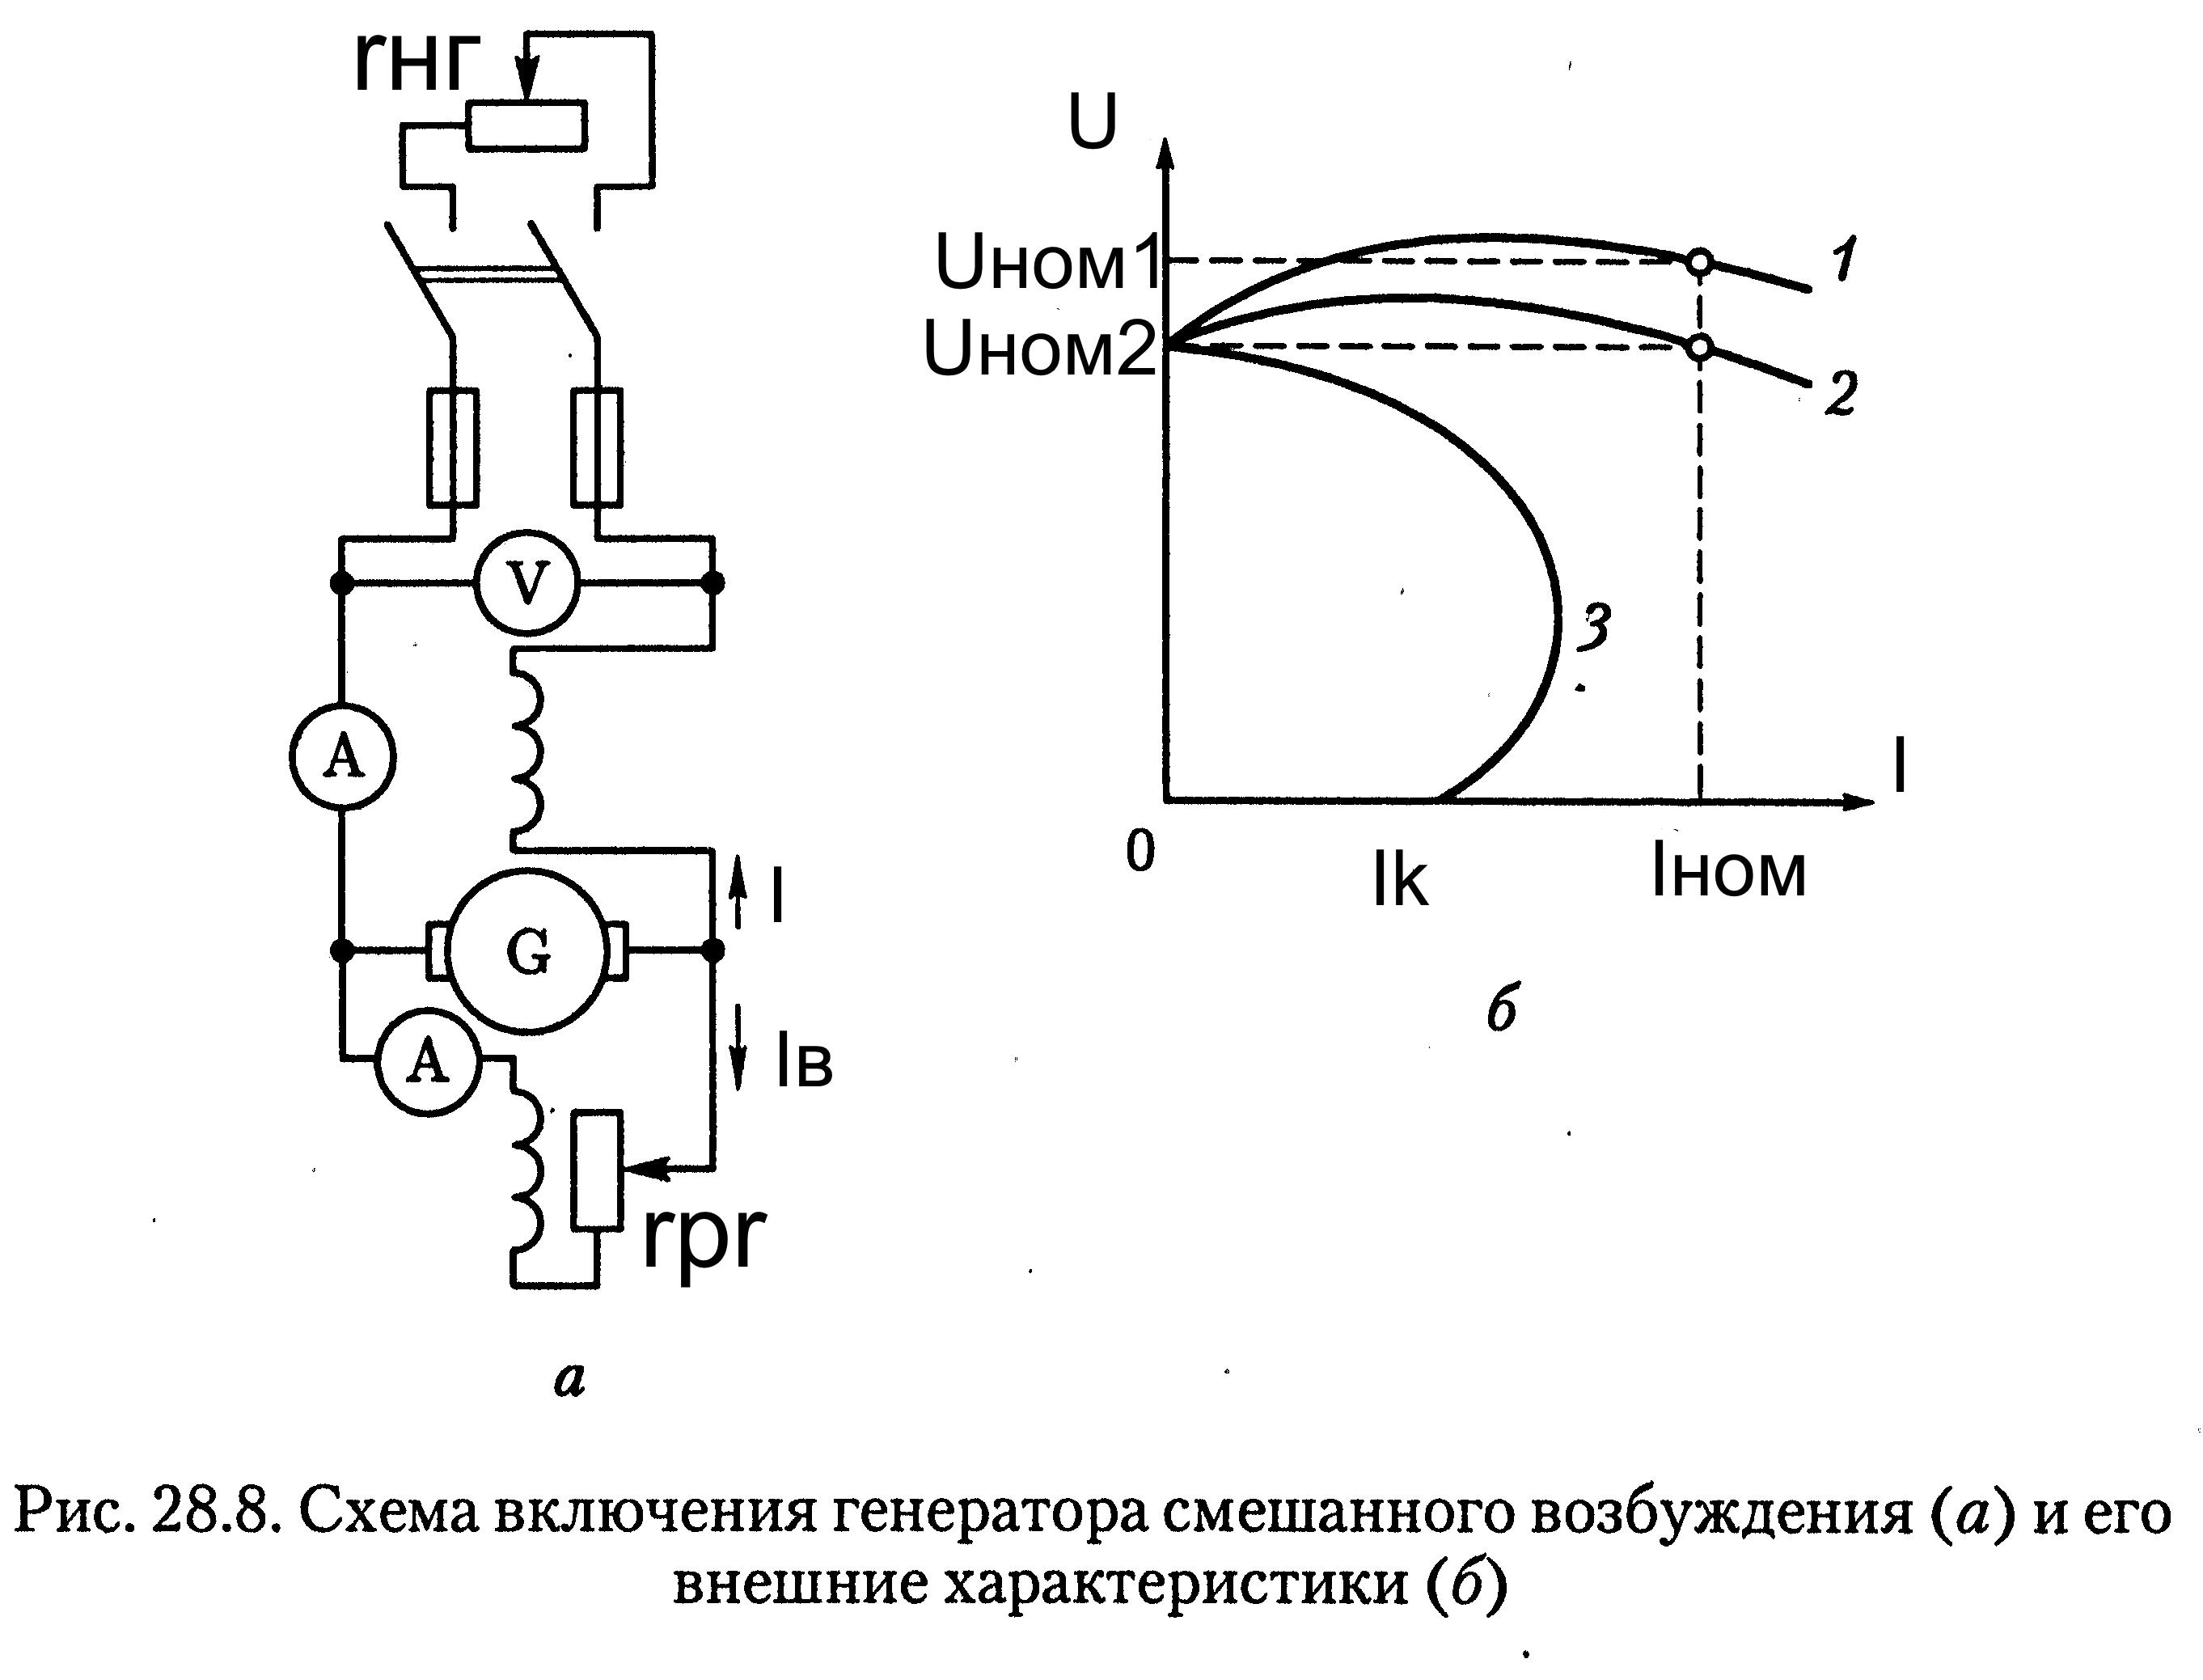 Схема возбуждения мпт